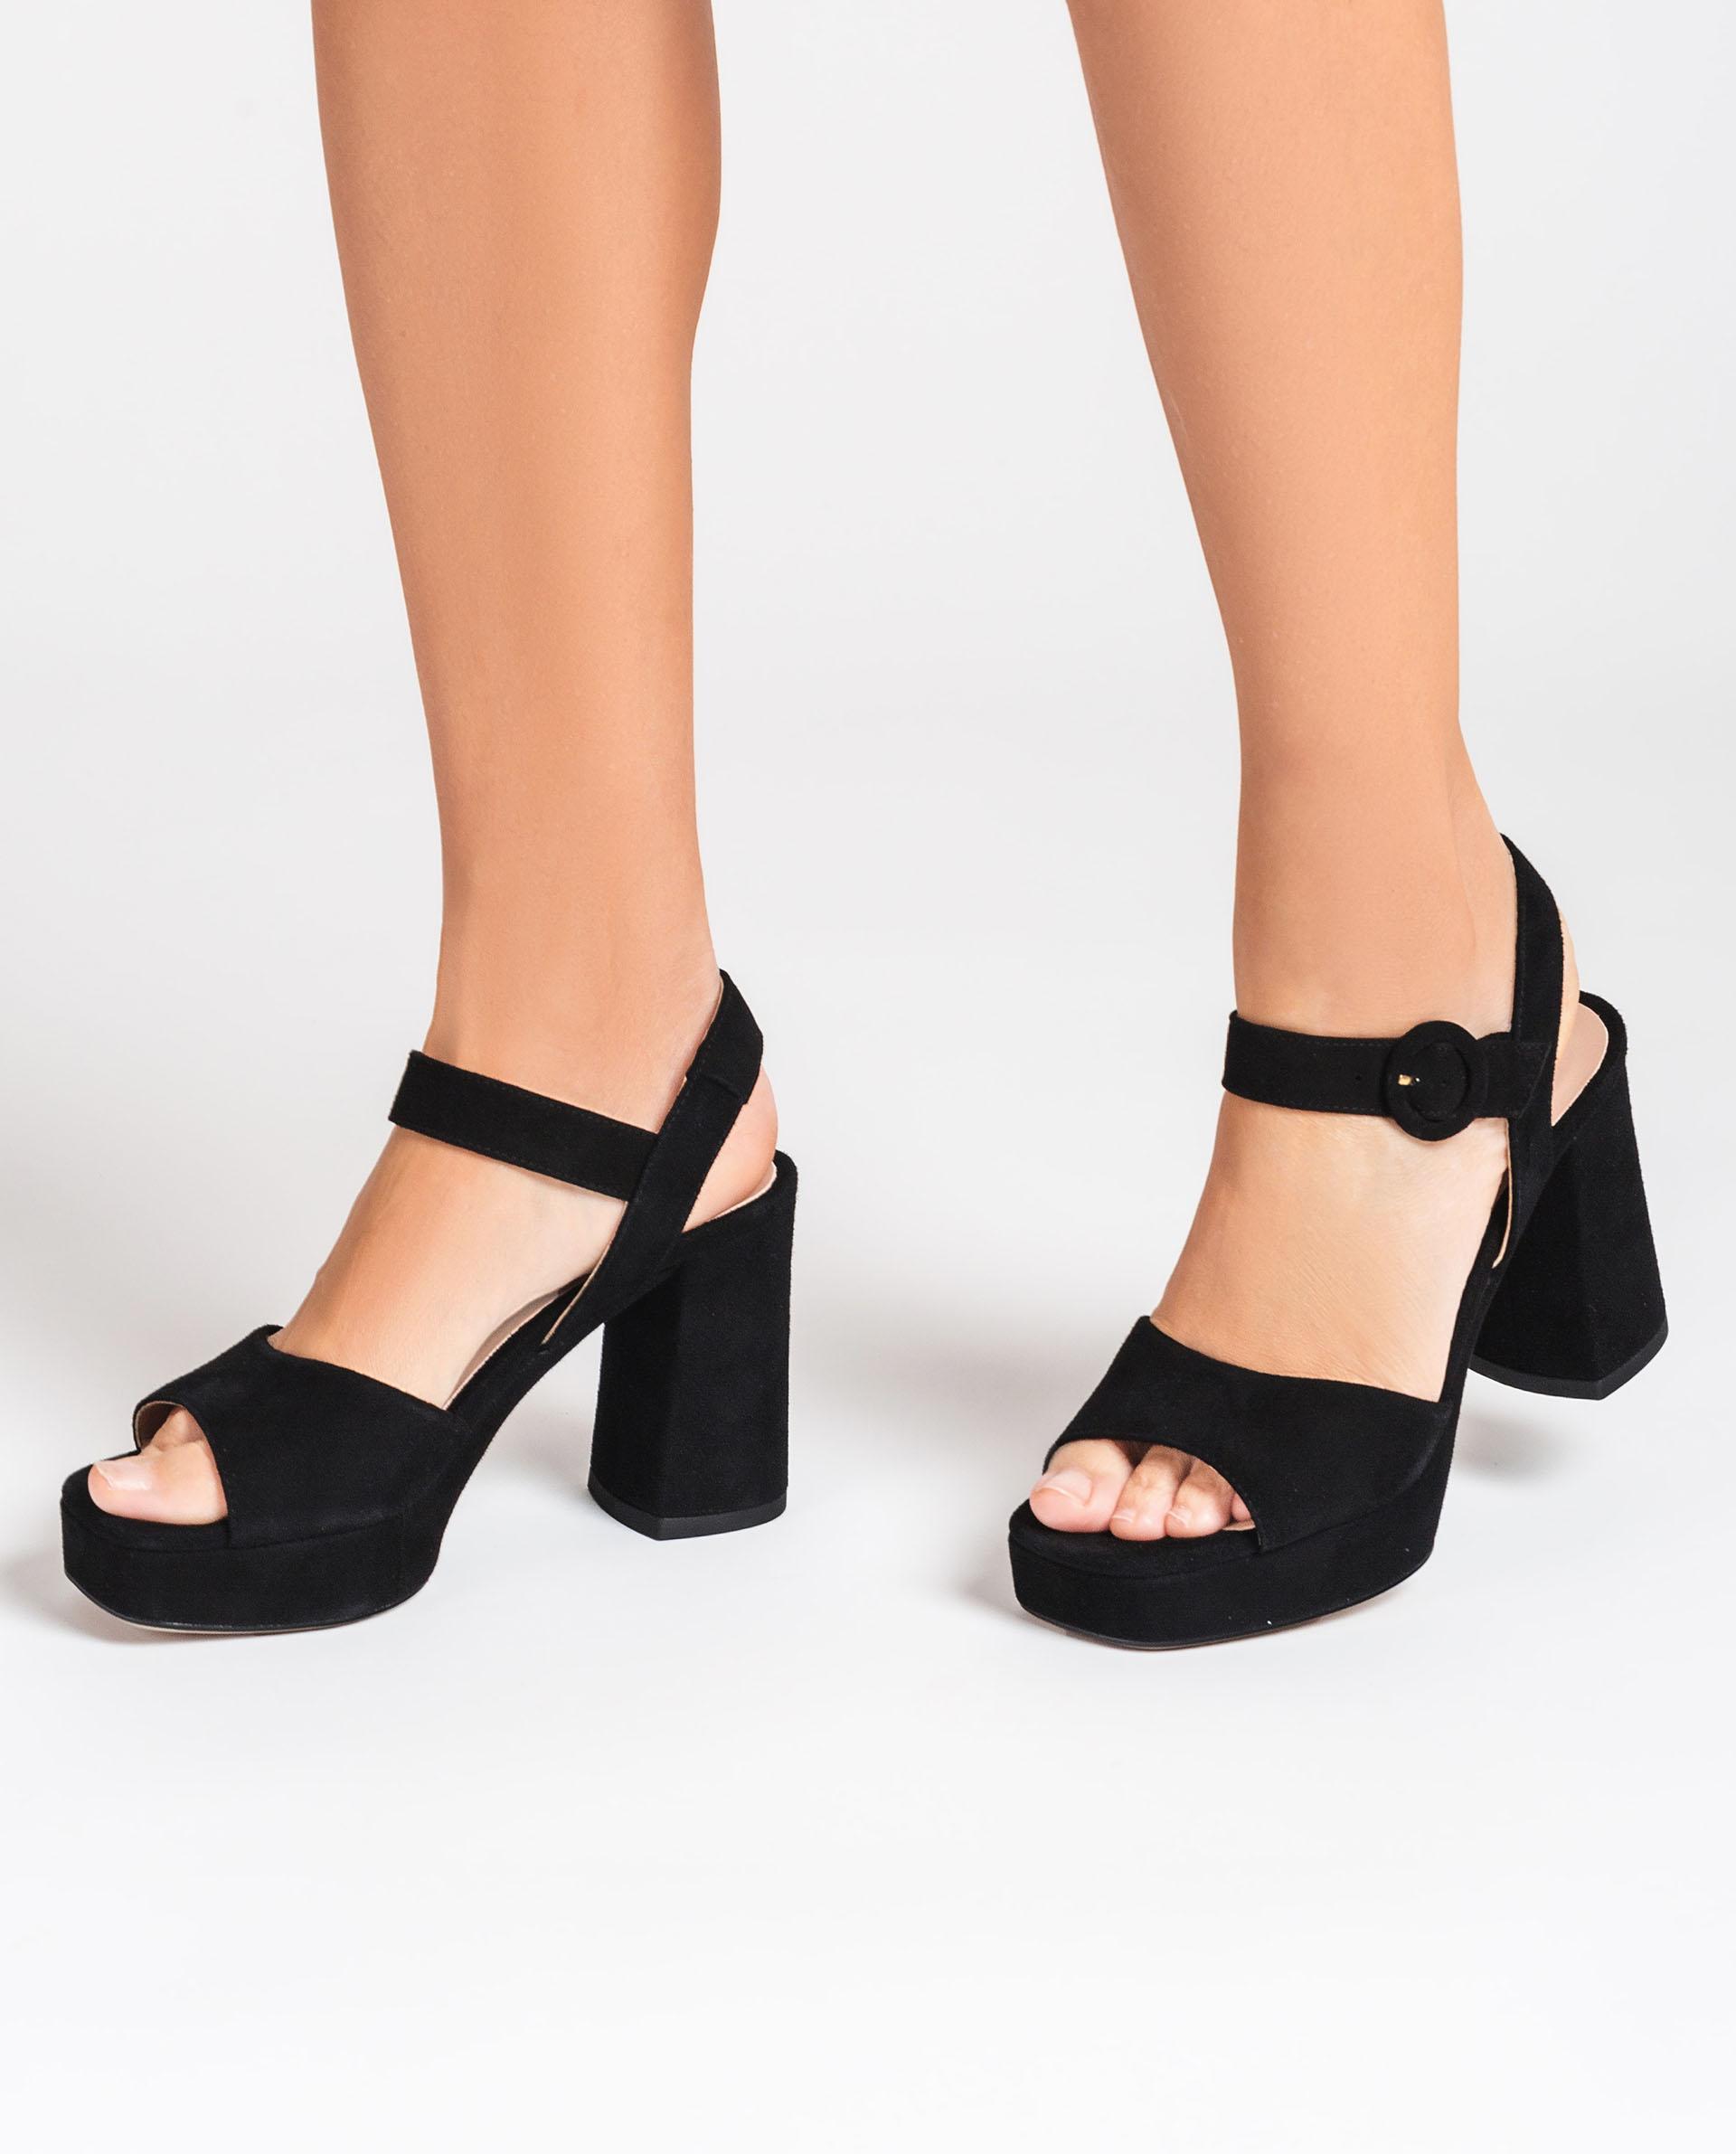 UNISA Kid suede sandals wide heel ODRAN_KS 2